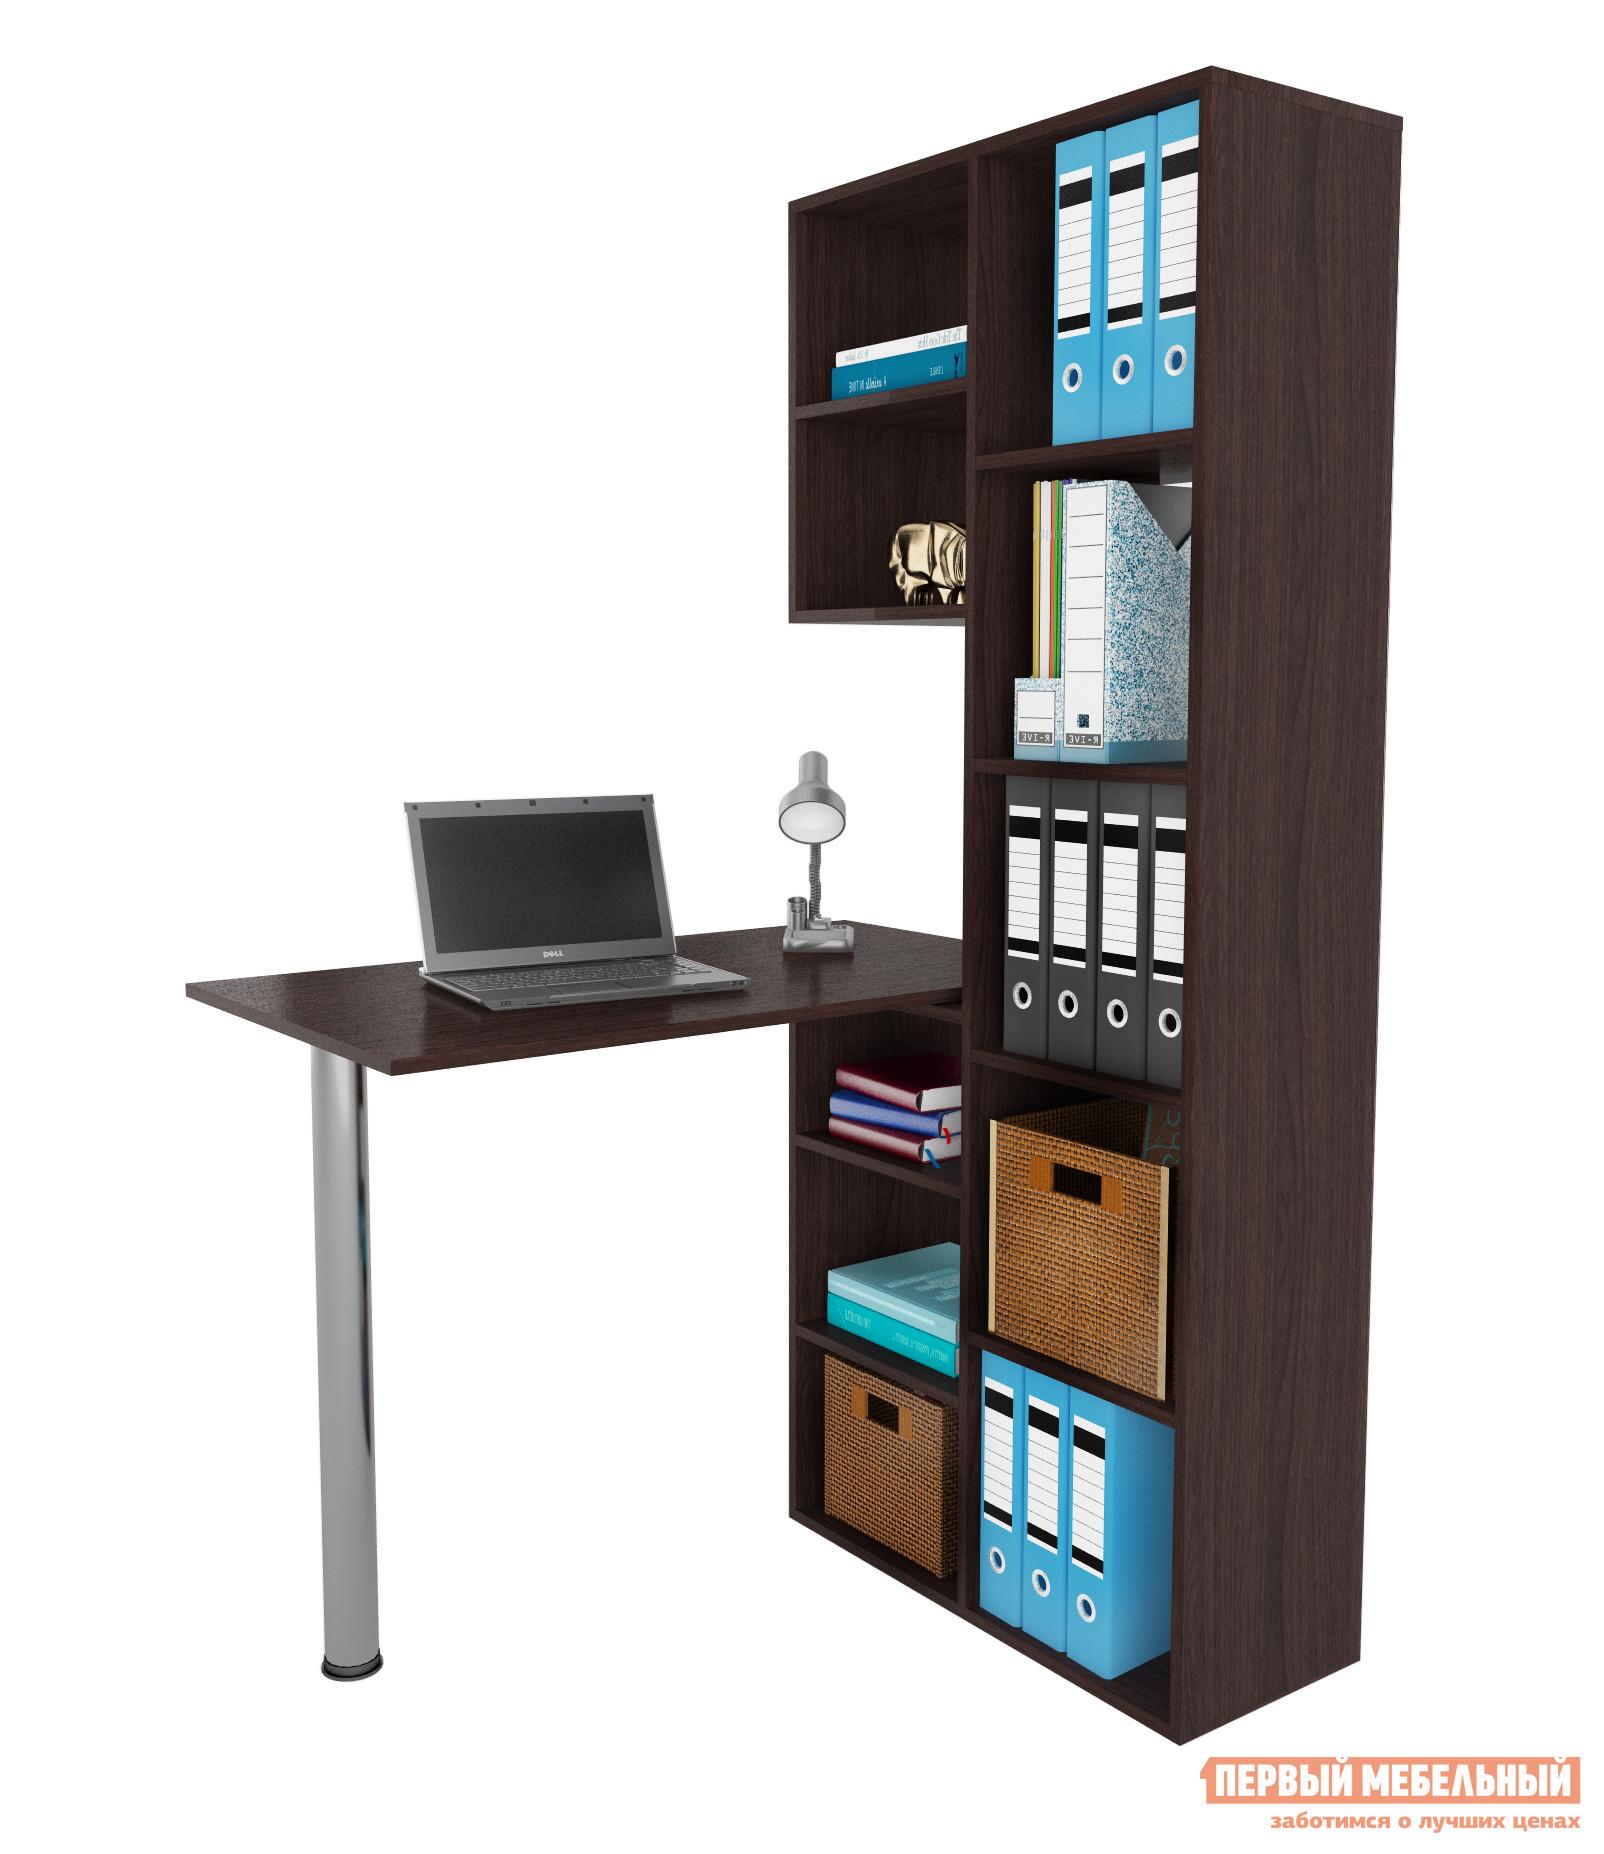 Угловой компьютерный стол МФ Мастер Рикс-2 + Рикс-6 компьютерный стол мф мастер корнет 1 угловой орех